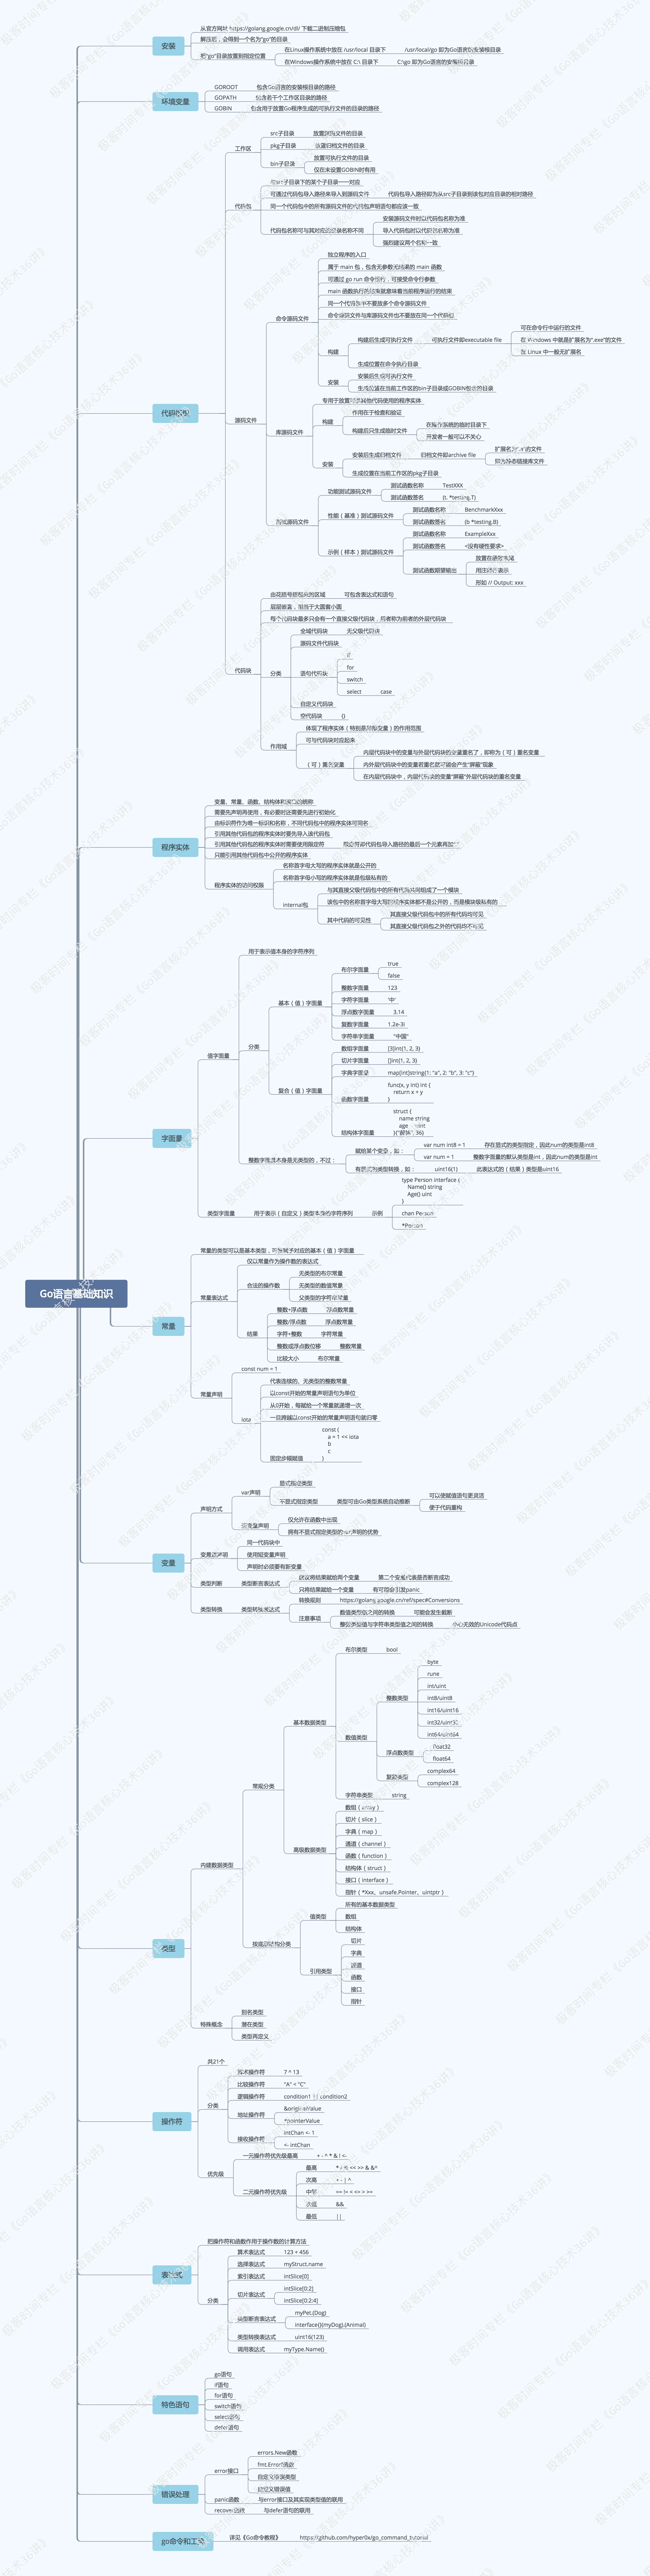 Go语言基础知识图谱